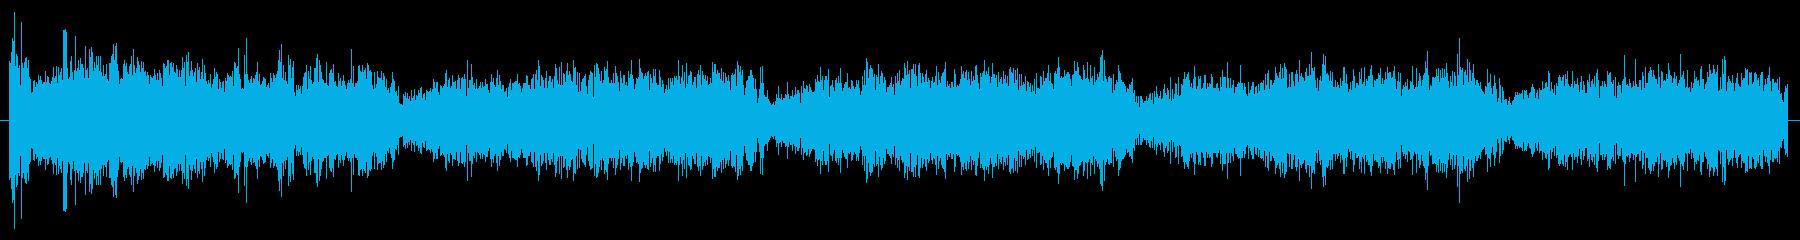 パワーコアハムモーターのパワーアップの再生済みの波形